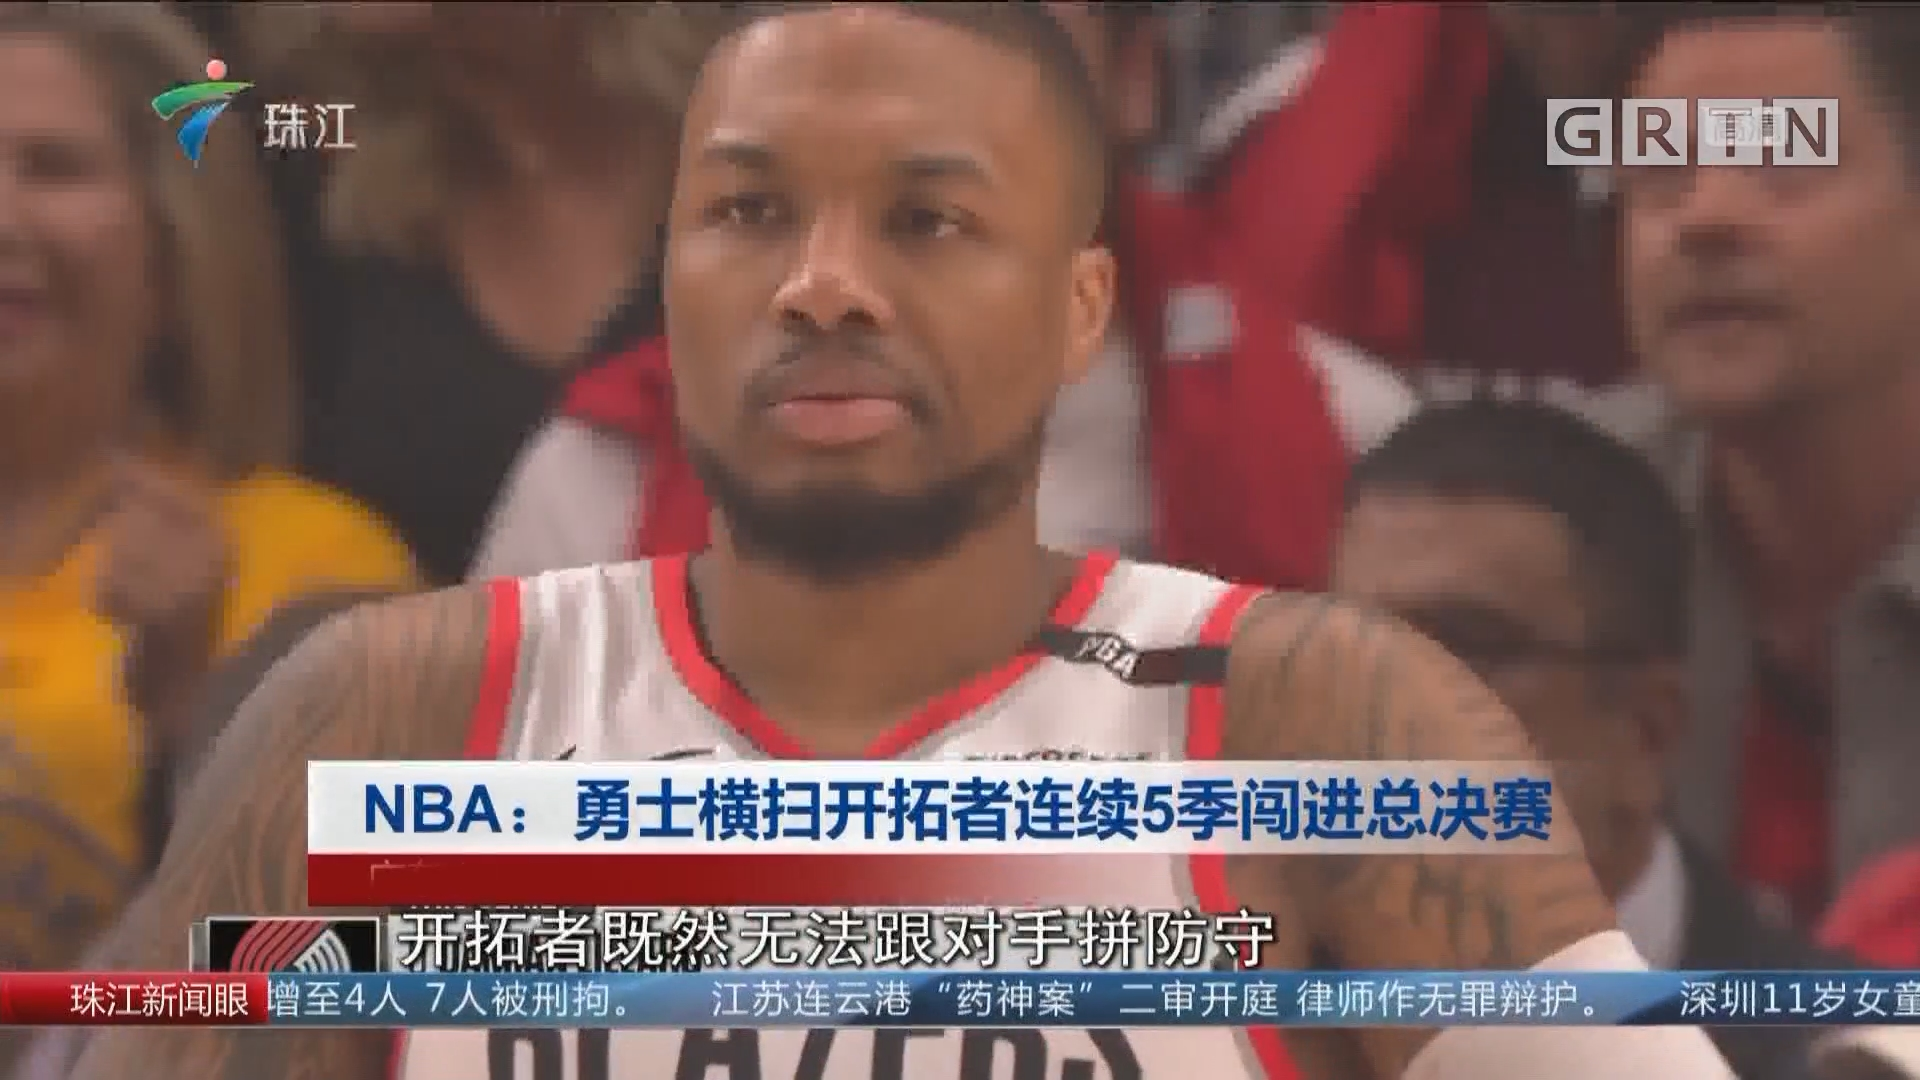 NBA:勇士橫掃開拓者連續5季闖進總決賽